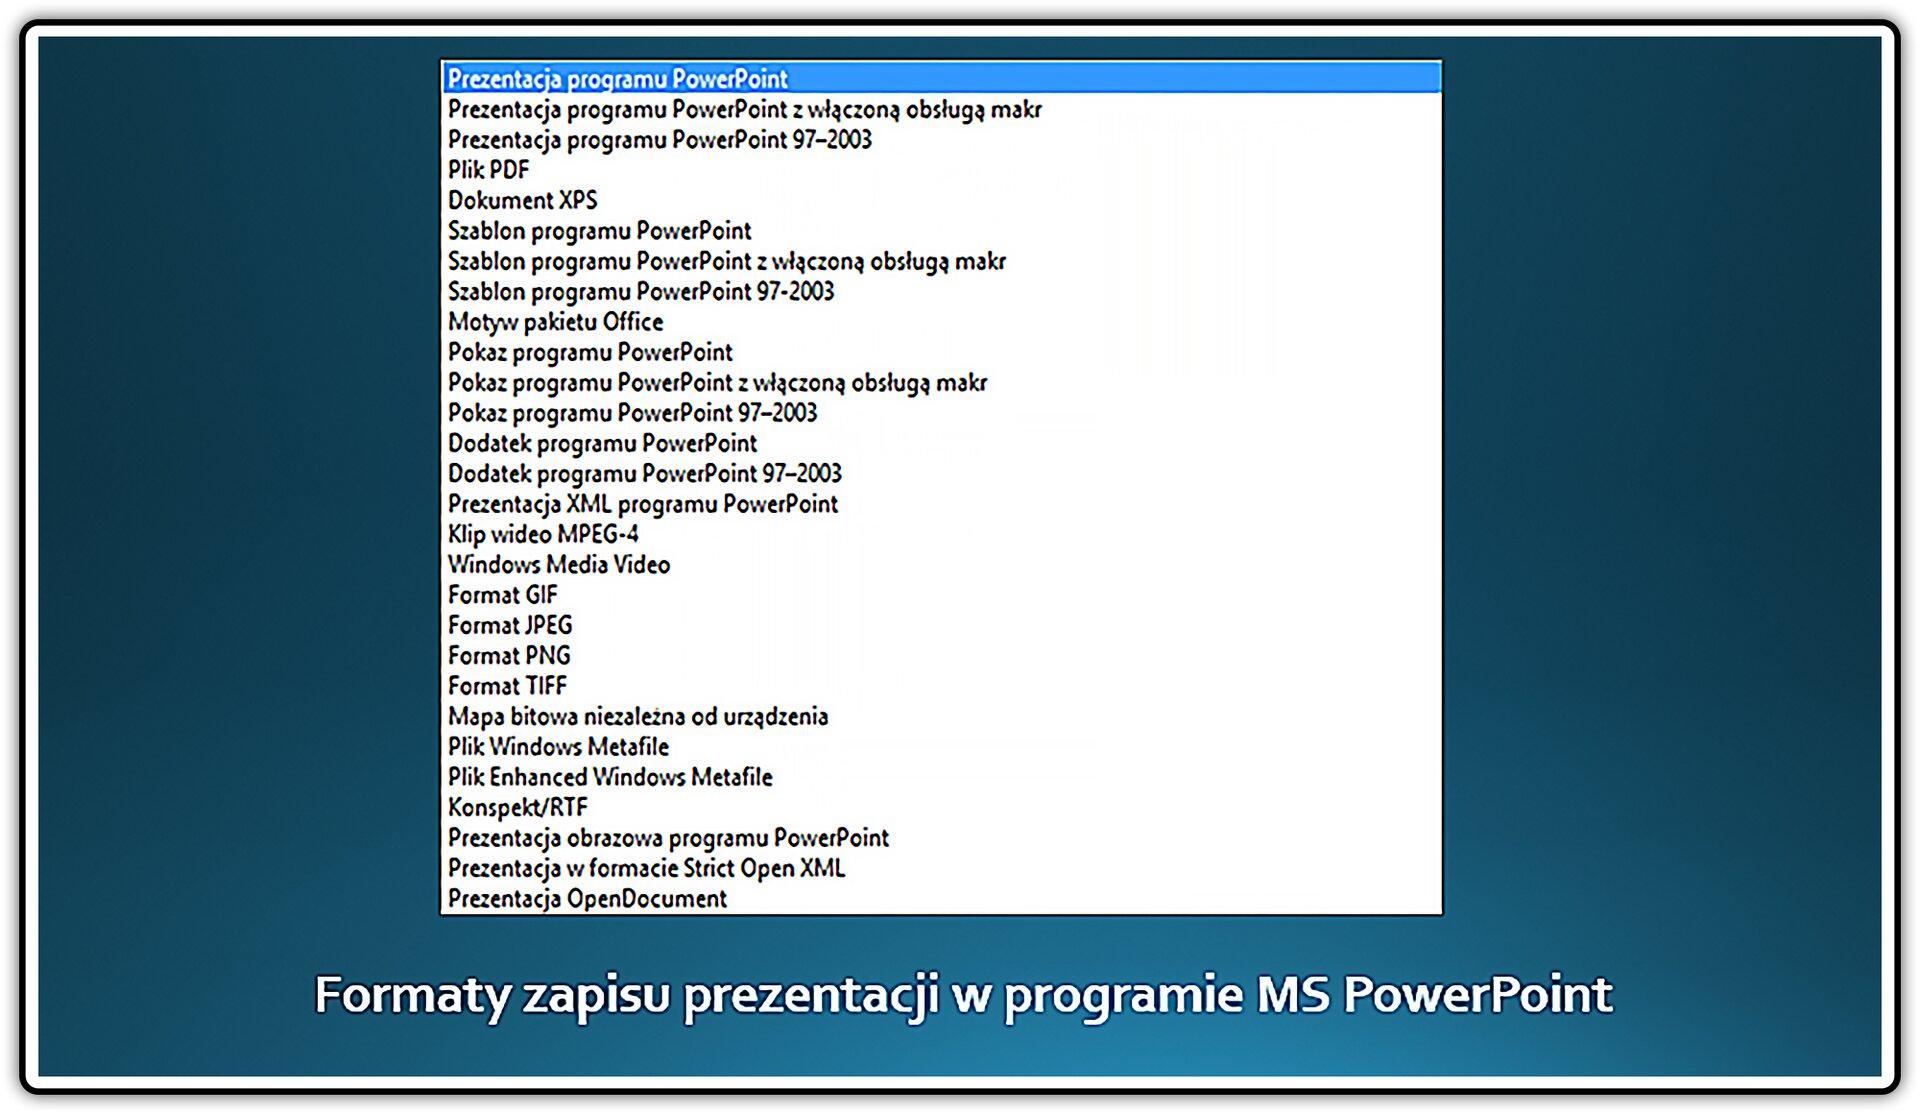 Zrzut slajdu zformatami zapisu prezentancji wprogramie MS PowerPoint